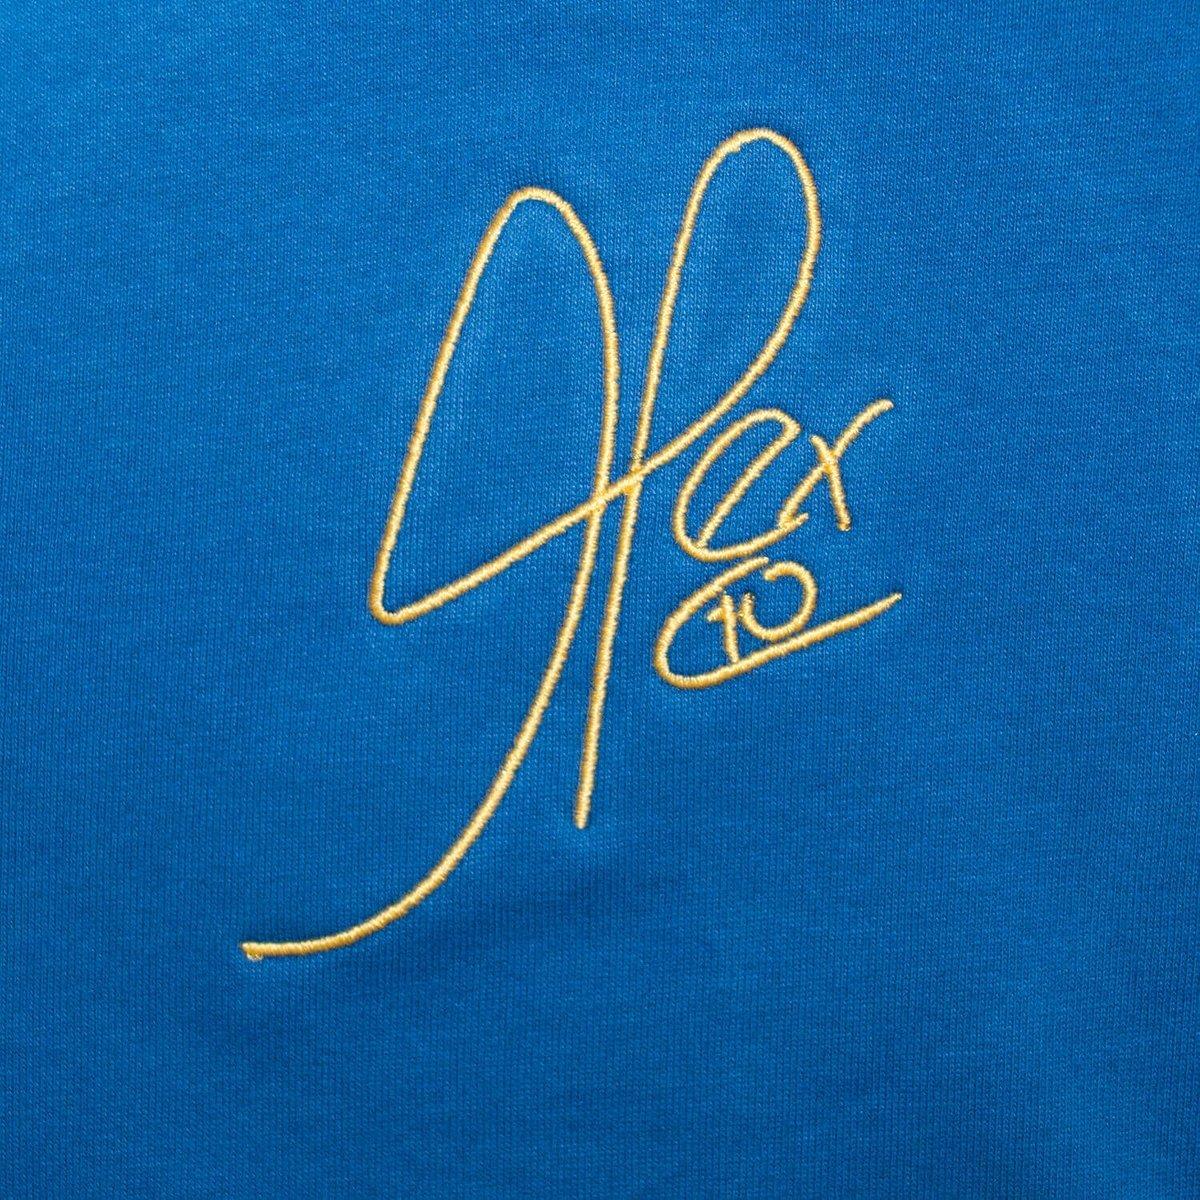 Camisa Retrô Mania Cruzeiro 2003 - Alex - Tríplice Coroa Masculina ... 3188ddd7d4957